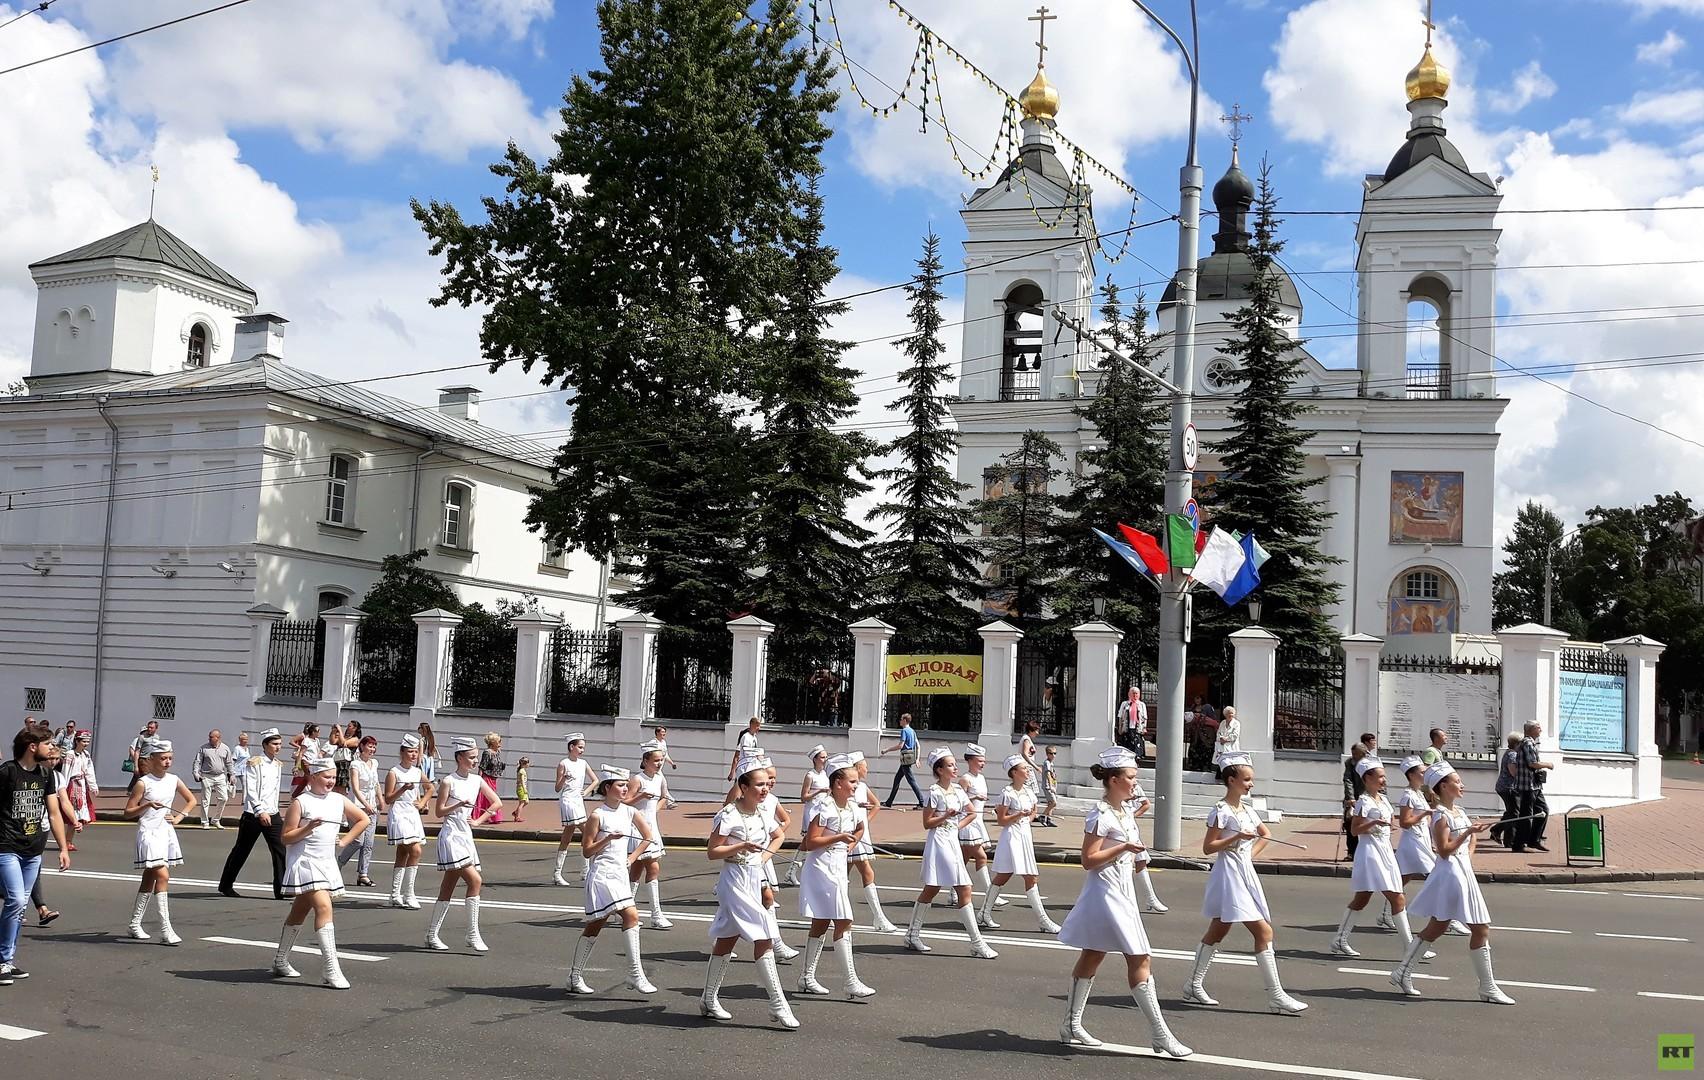 Warum die Weißrussen den offiziellen Statistiken nicht trauen – Reportage